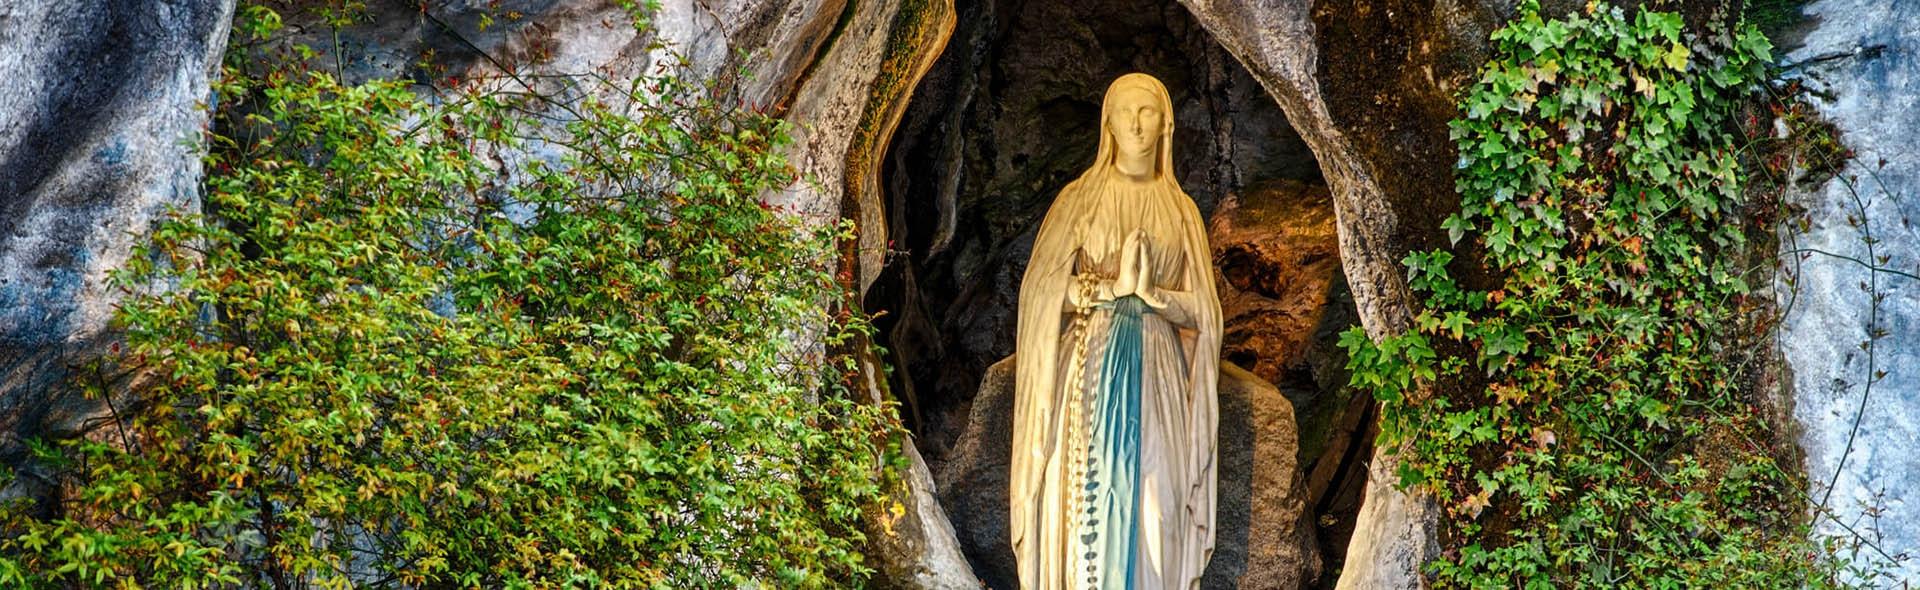 Pellegrinaggio a Lourdes in Pullman dal Nord Dopo Ferragosto